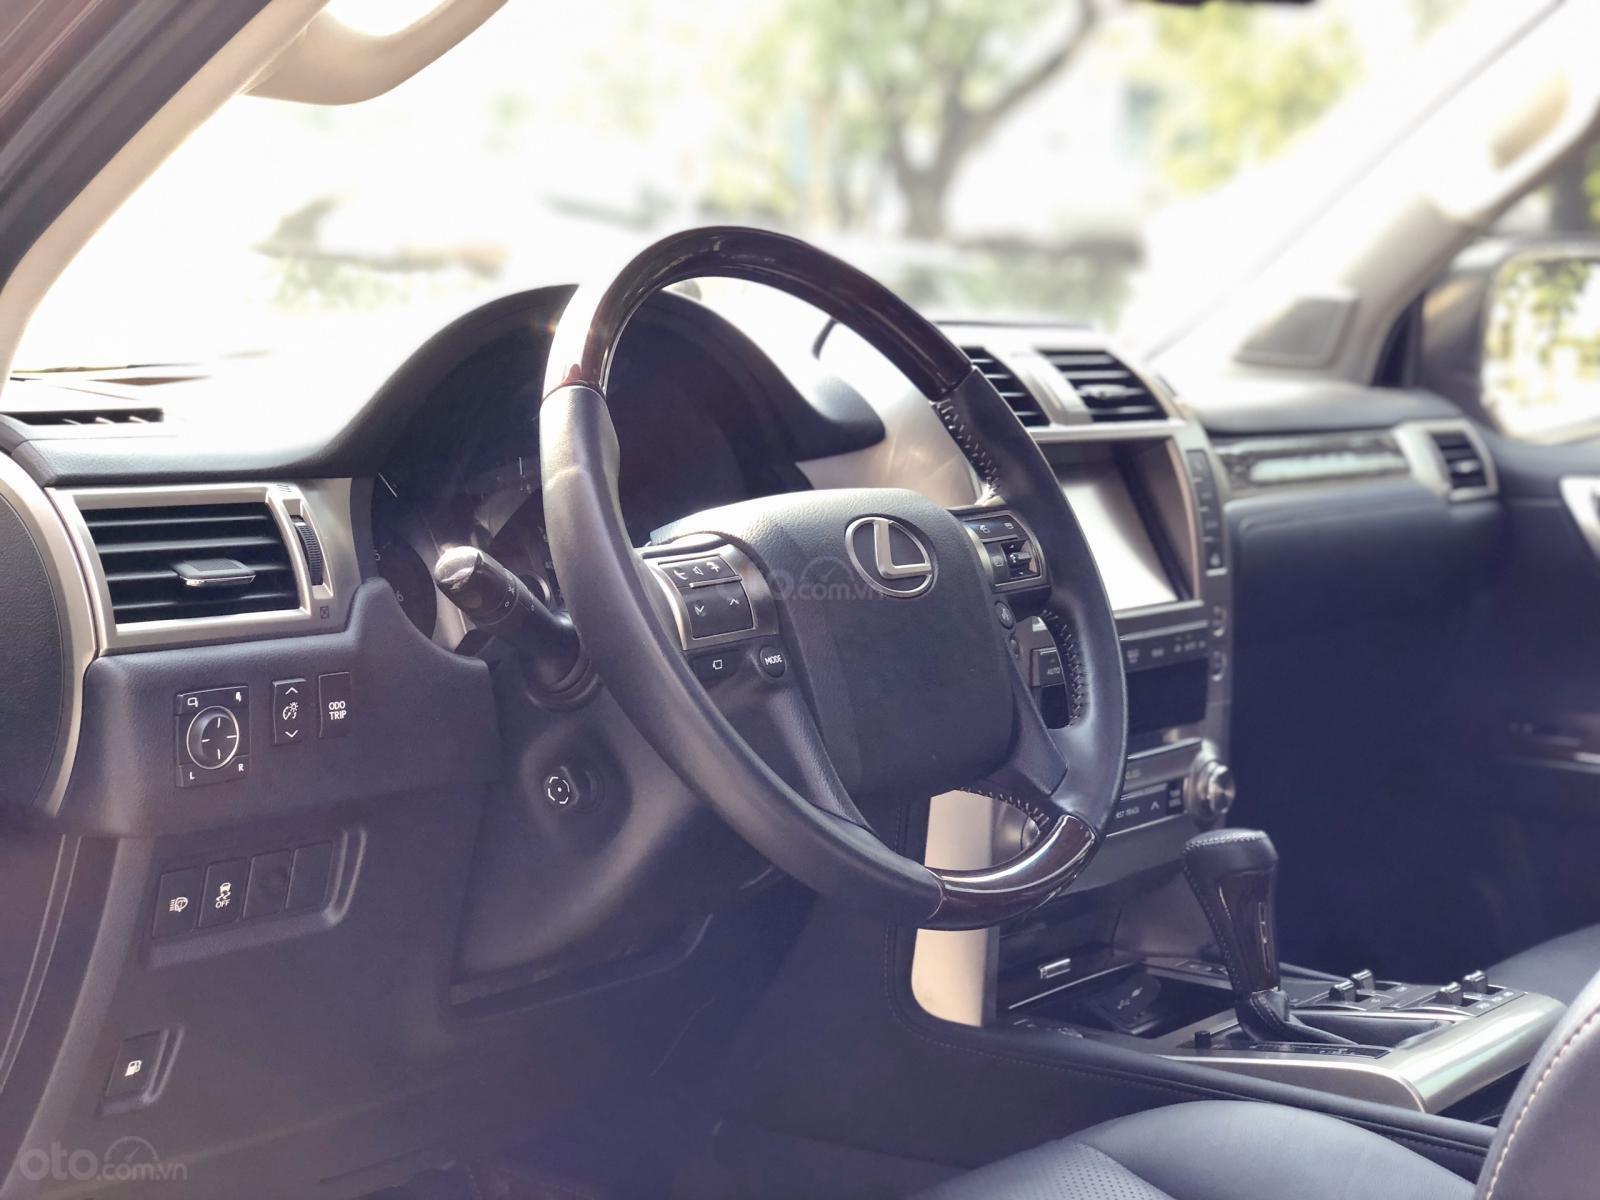 Bán Lexus GX 460 đời 2015, giao xe toàn quốc LH 094.539.2468 Ms Hương (8)